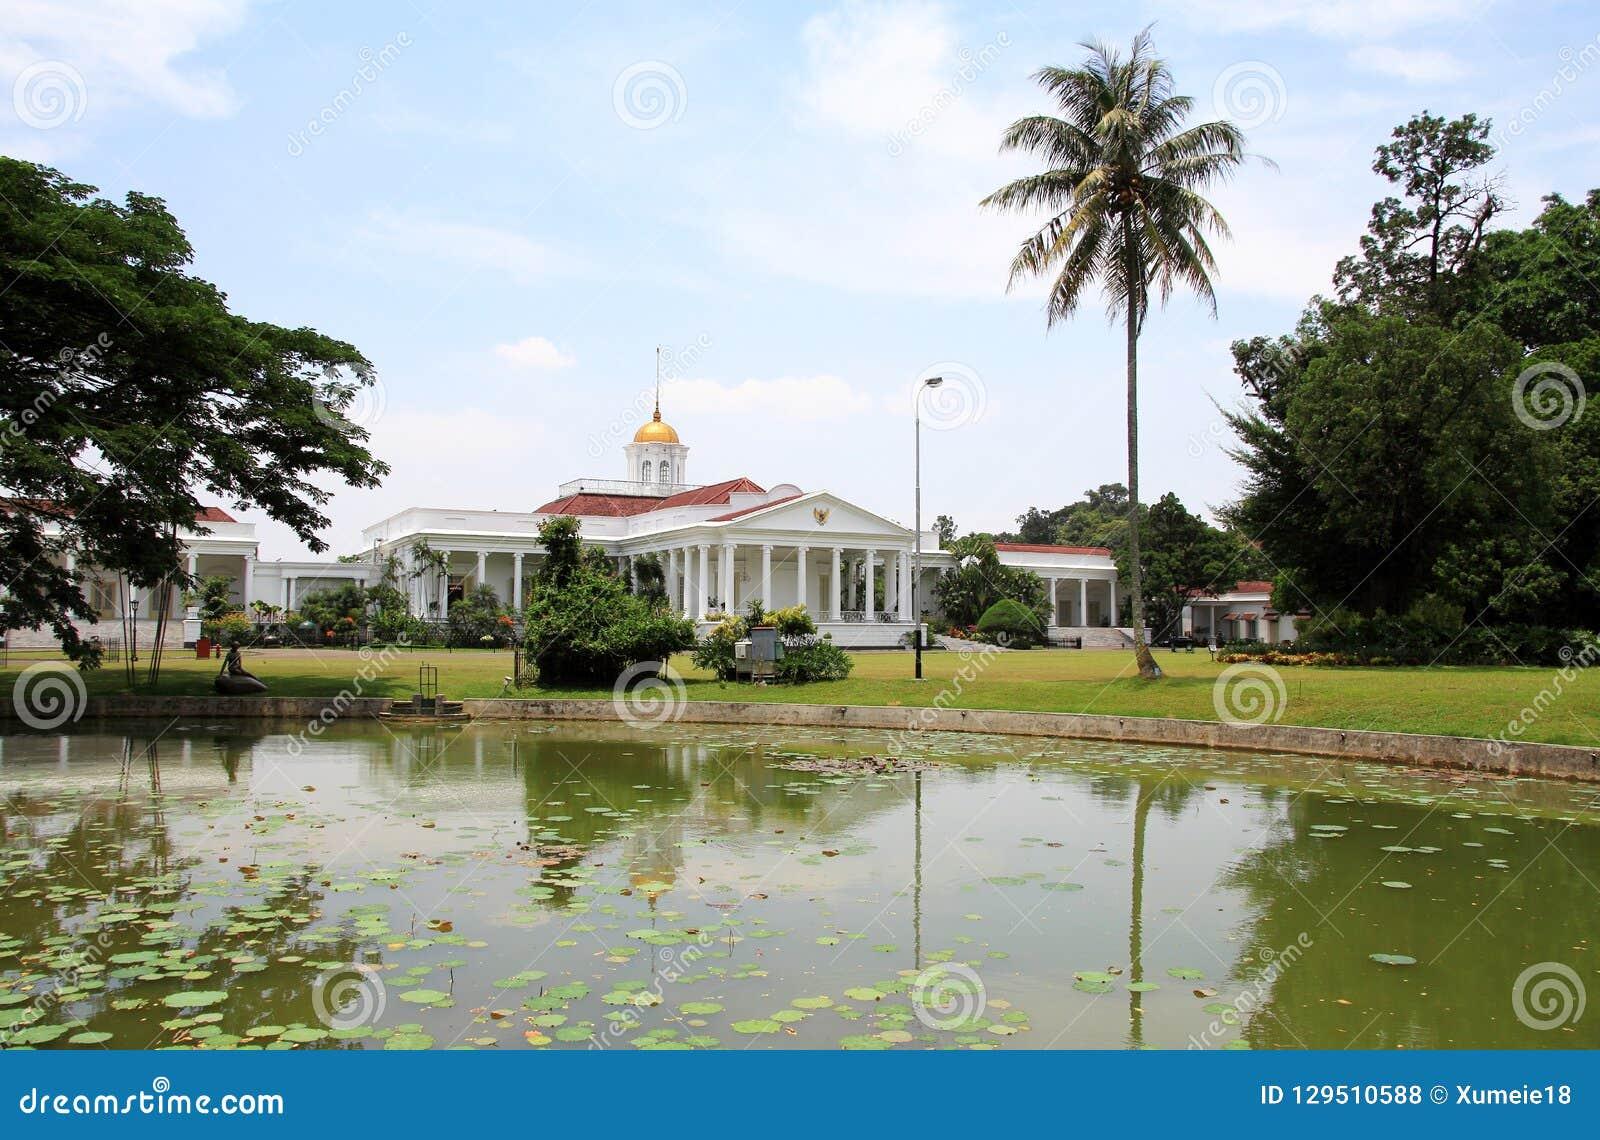 南京中国近代史遗址博物馆在茂物,印度尼西亚